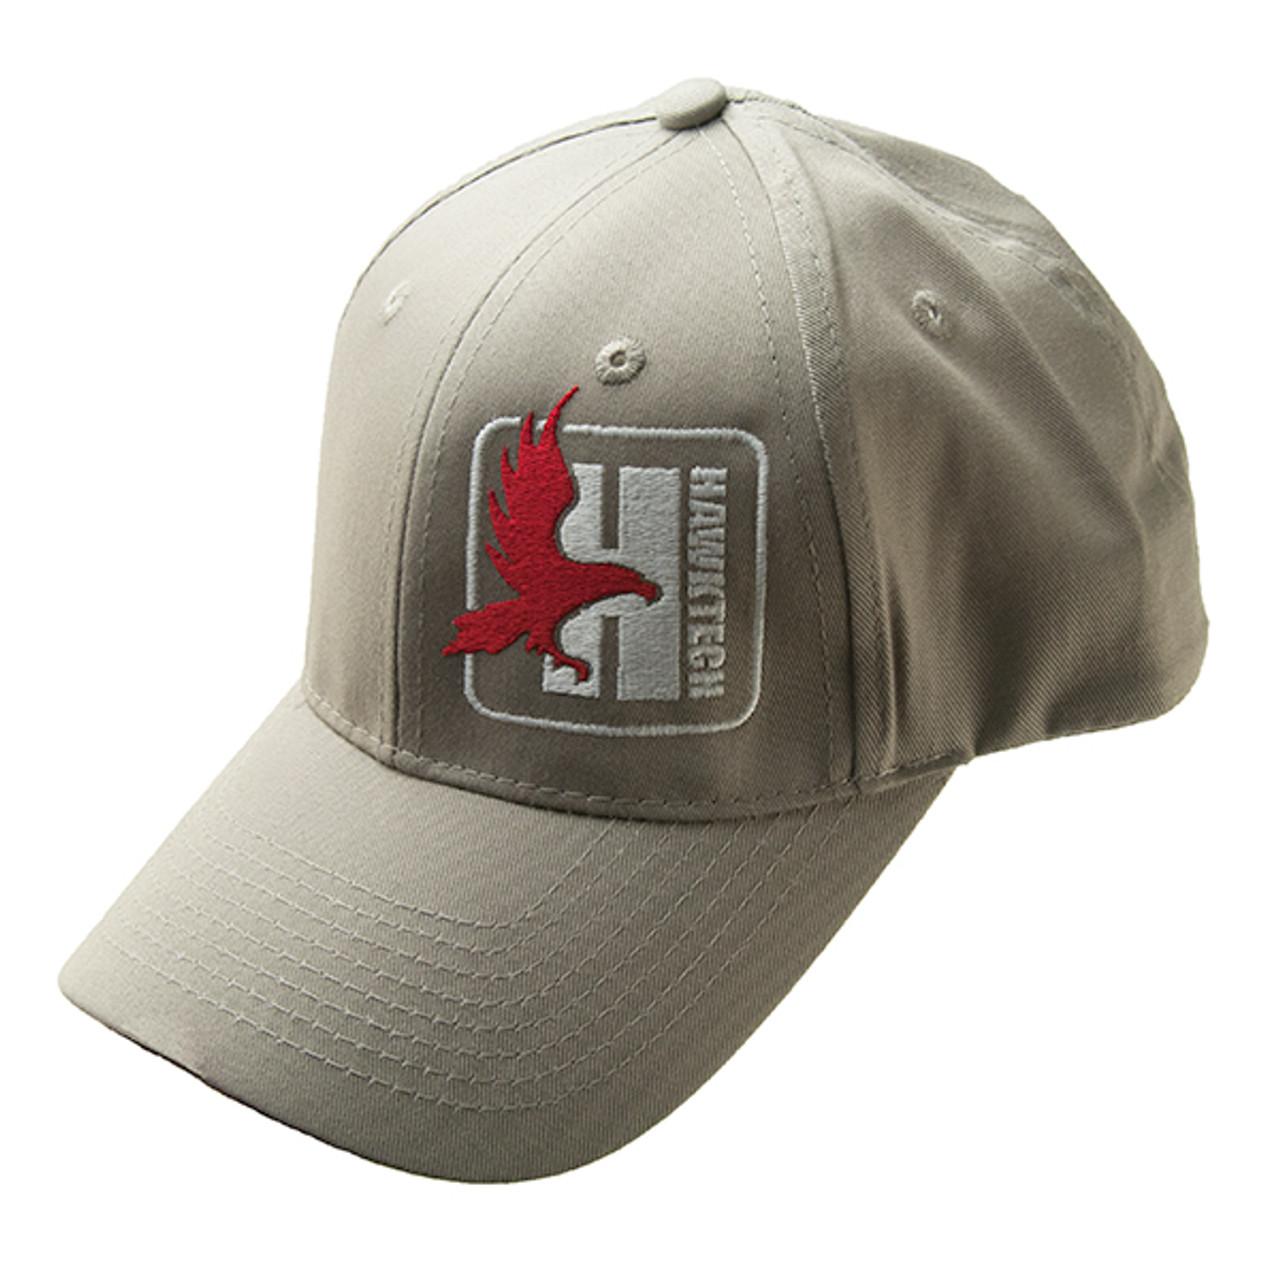 HAWKTECH - Baller Cap